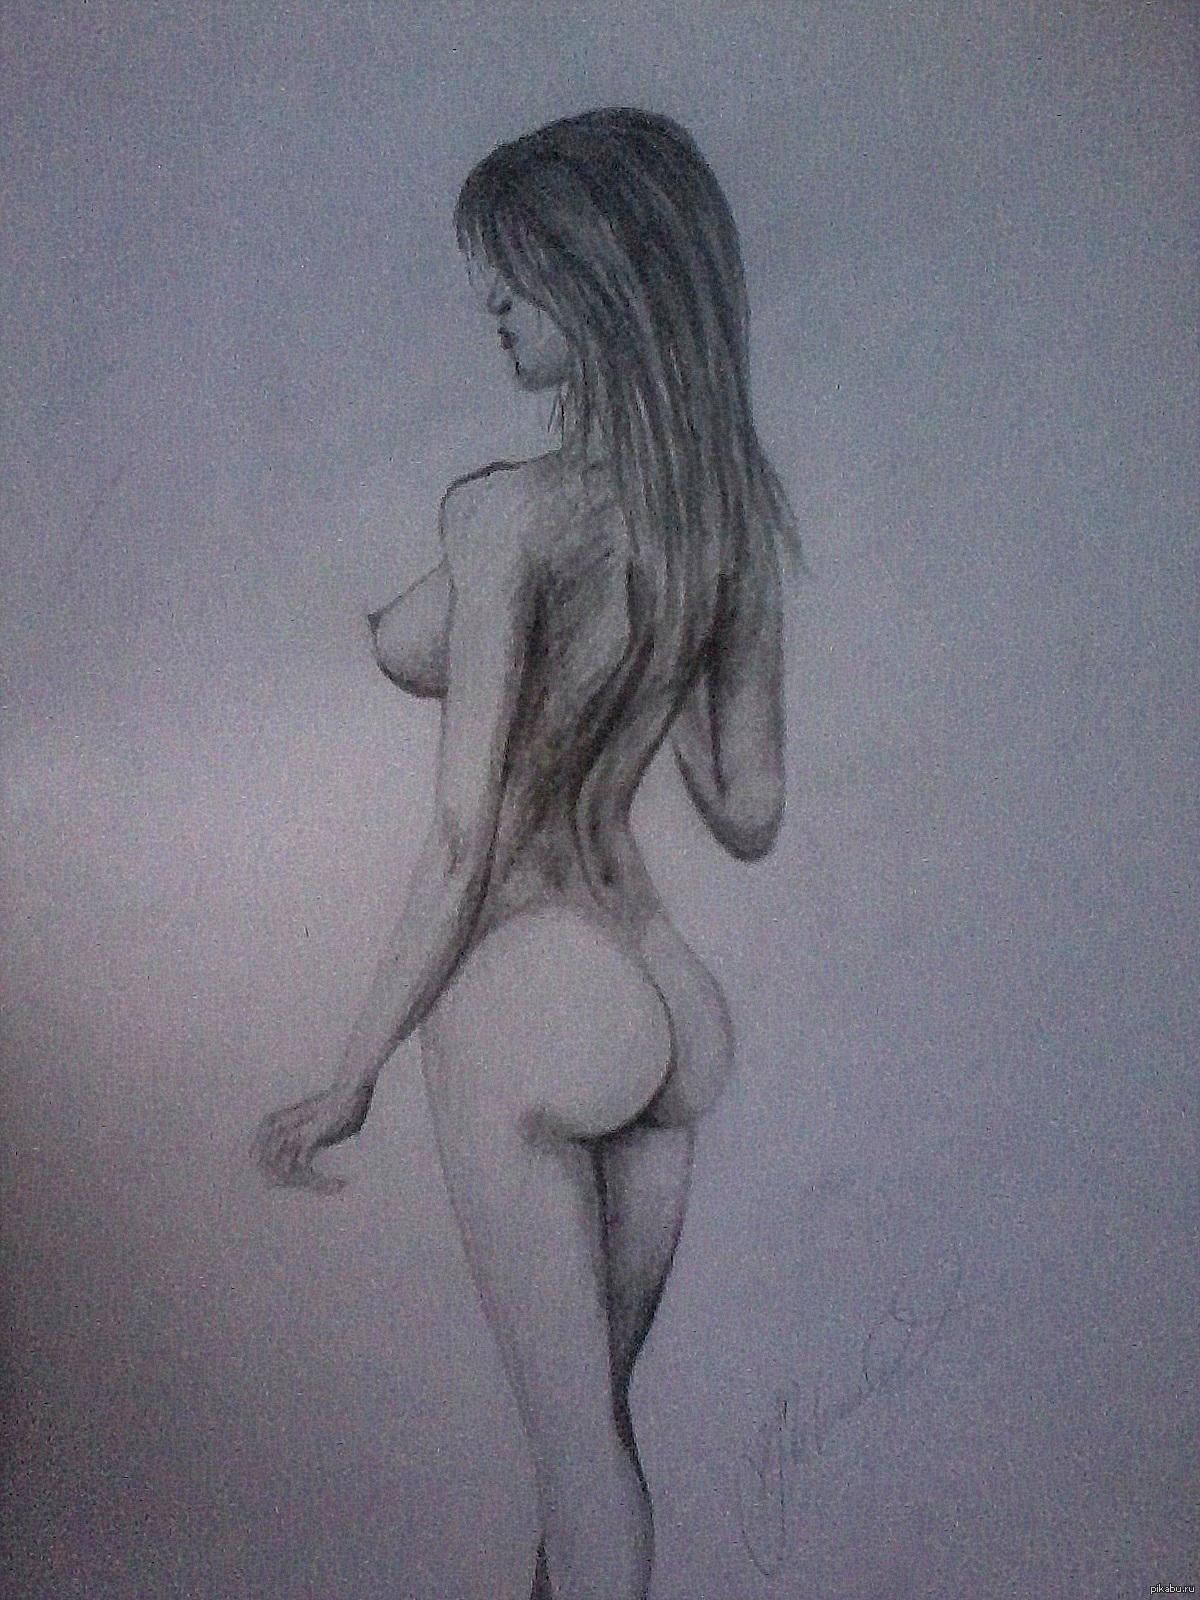 Рисуем голую девушку картинки 19 фотография